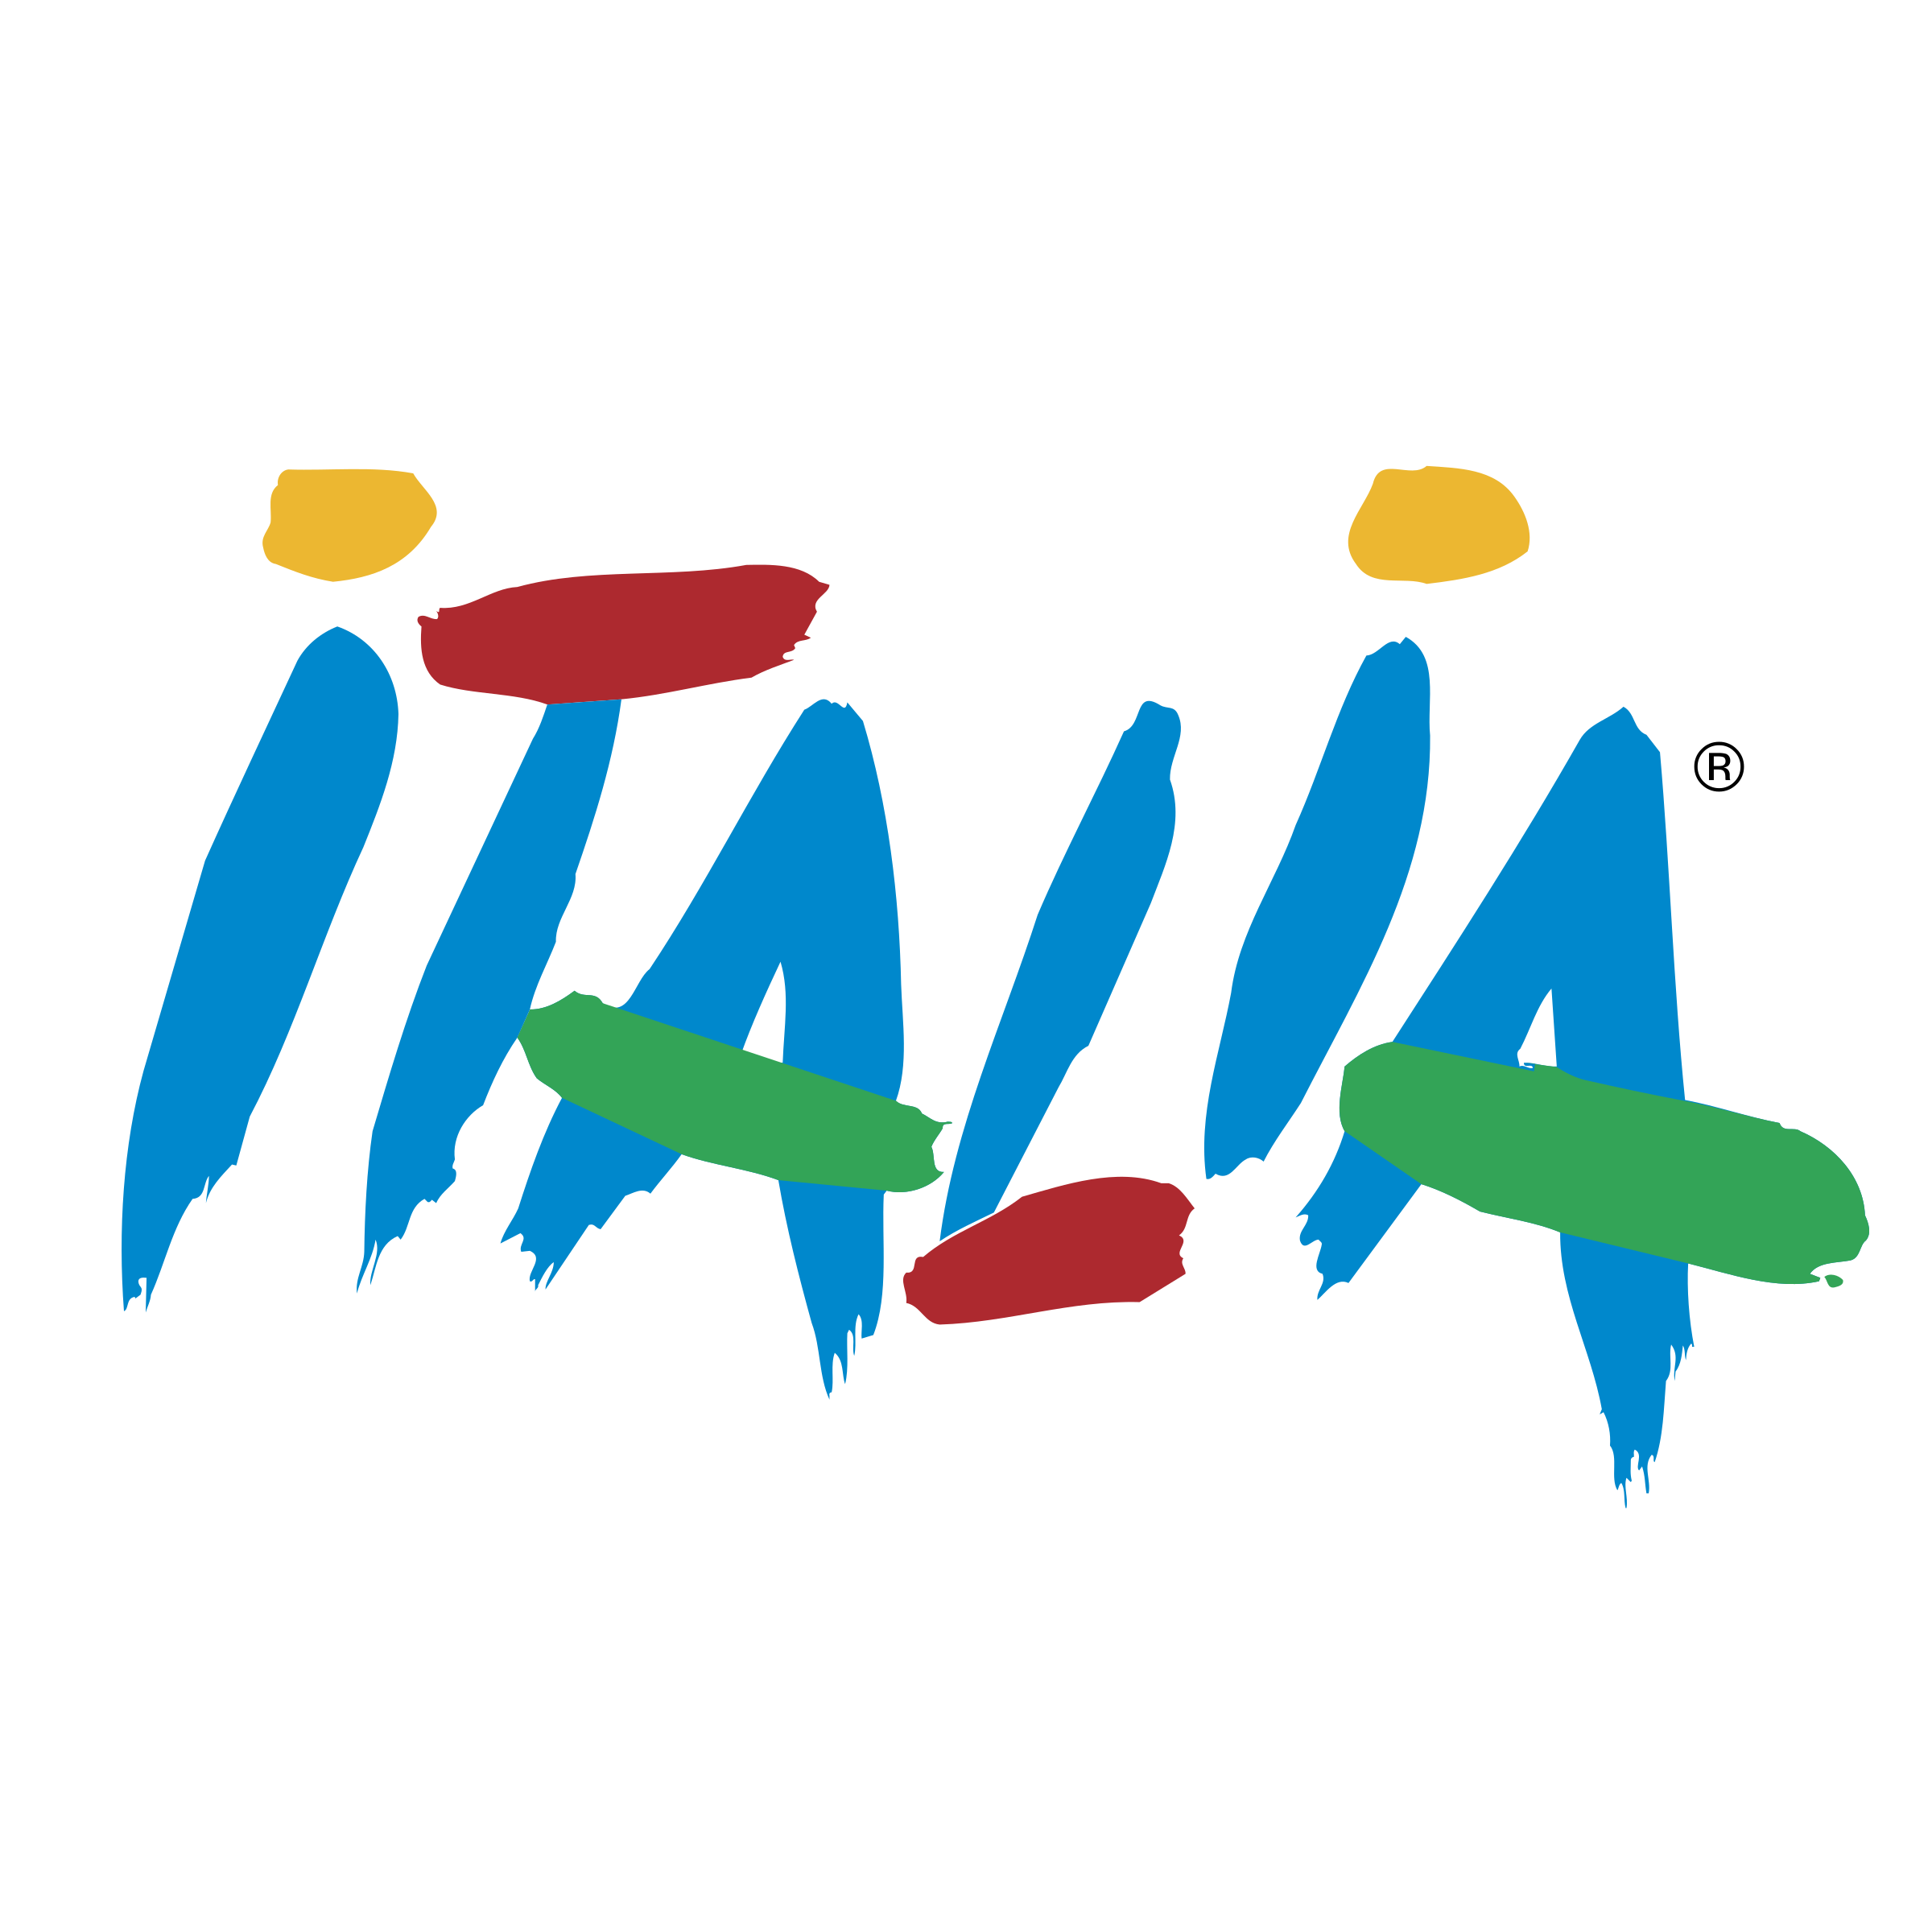 Italia Logo PNG Transparent & SVG Vector.